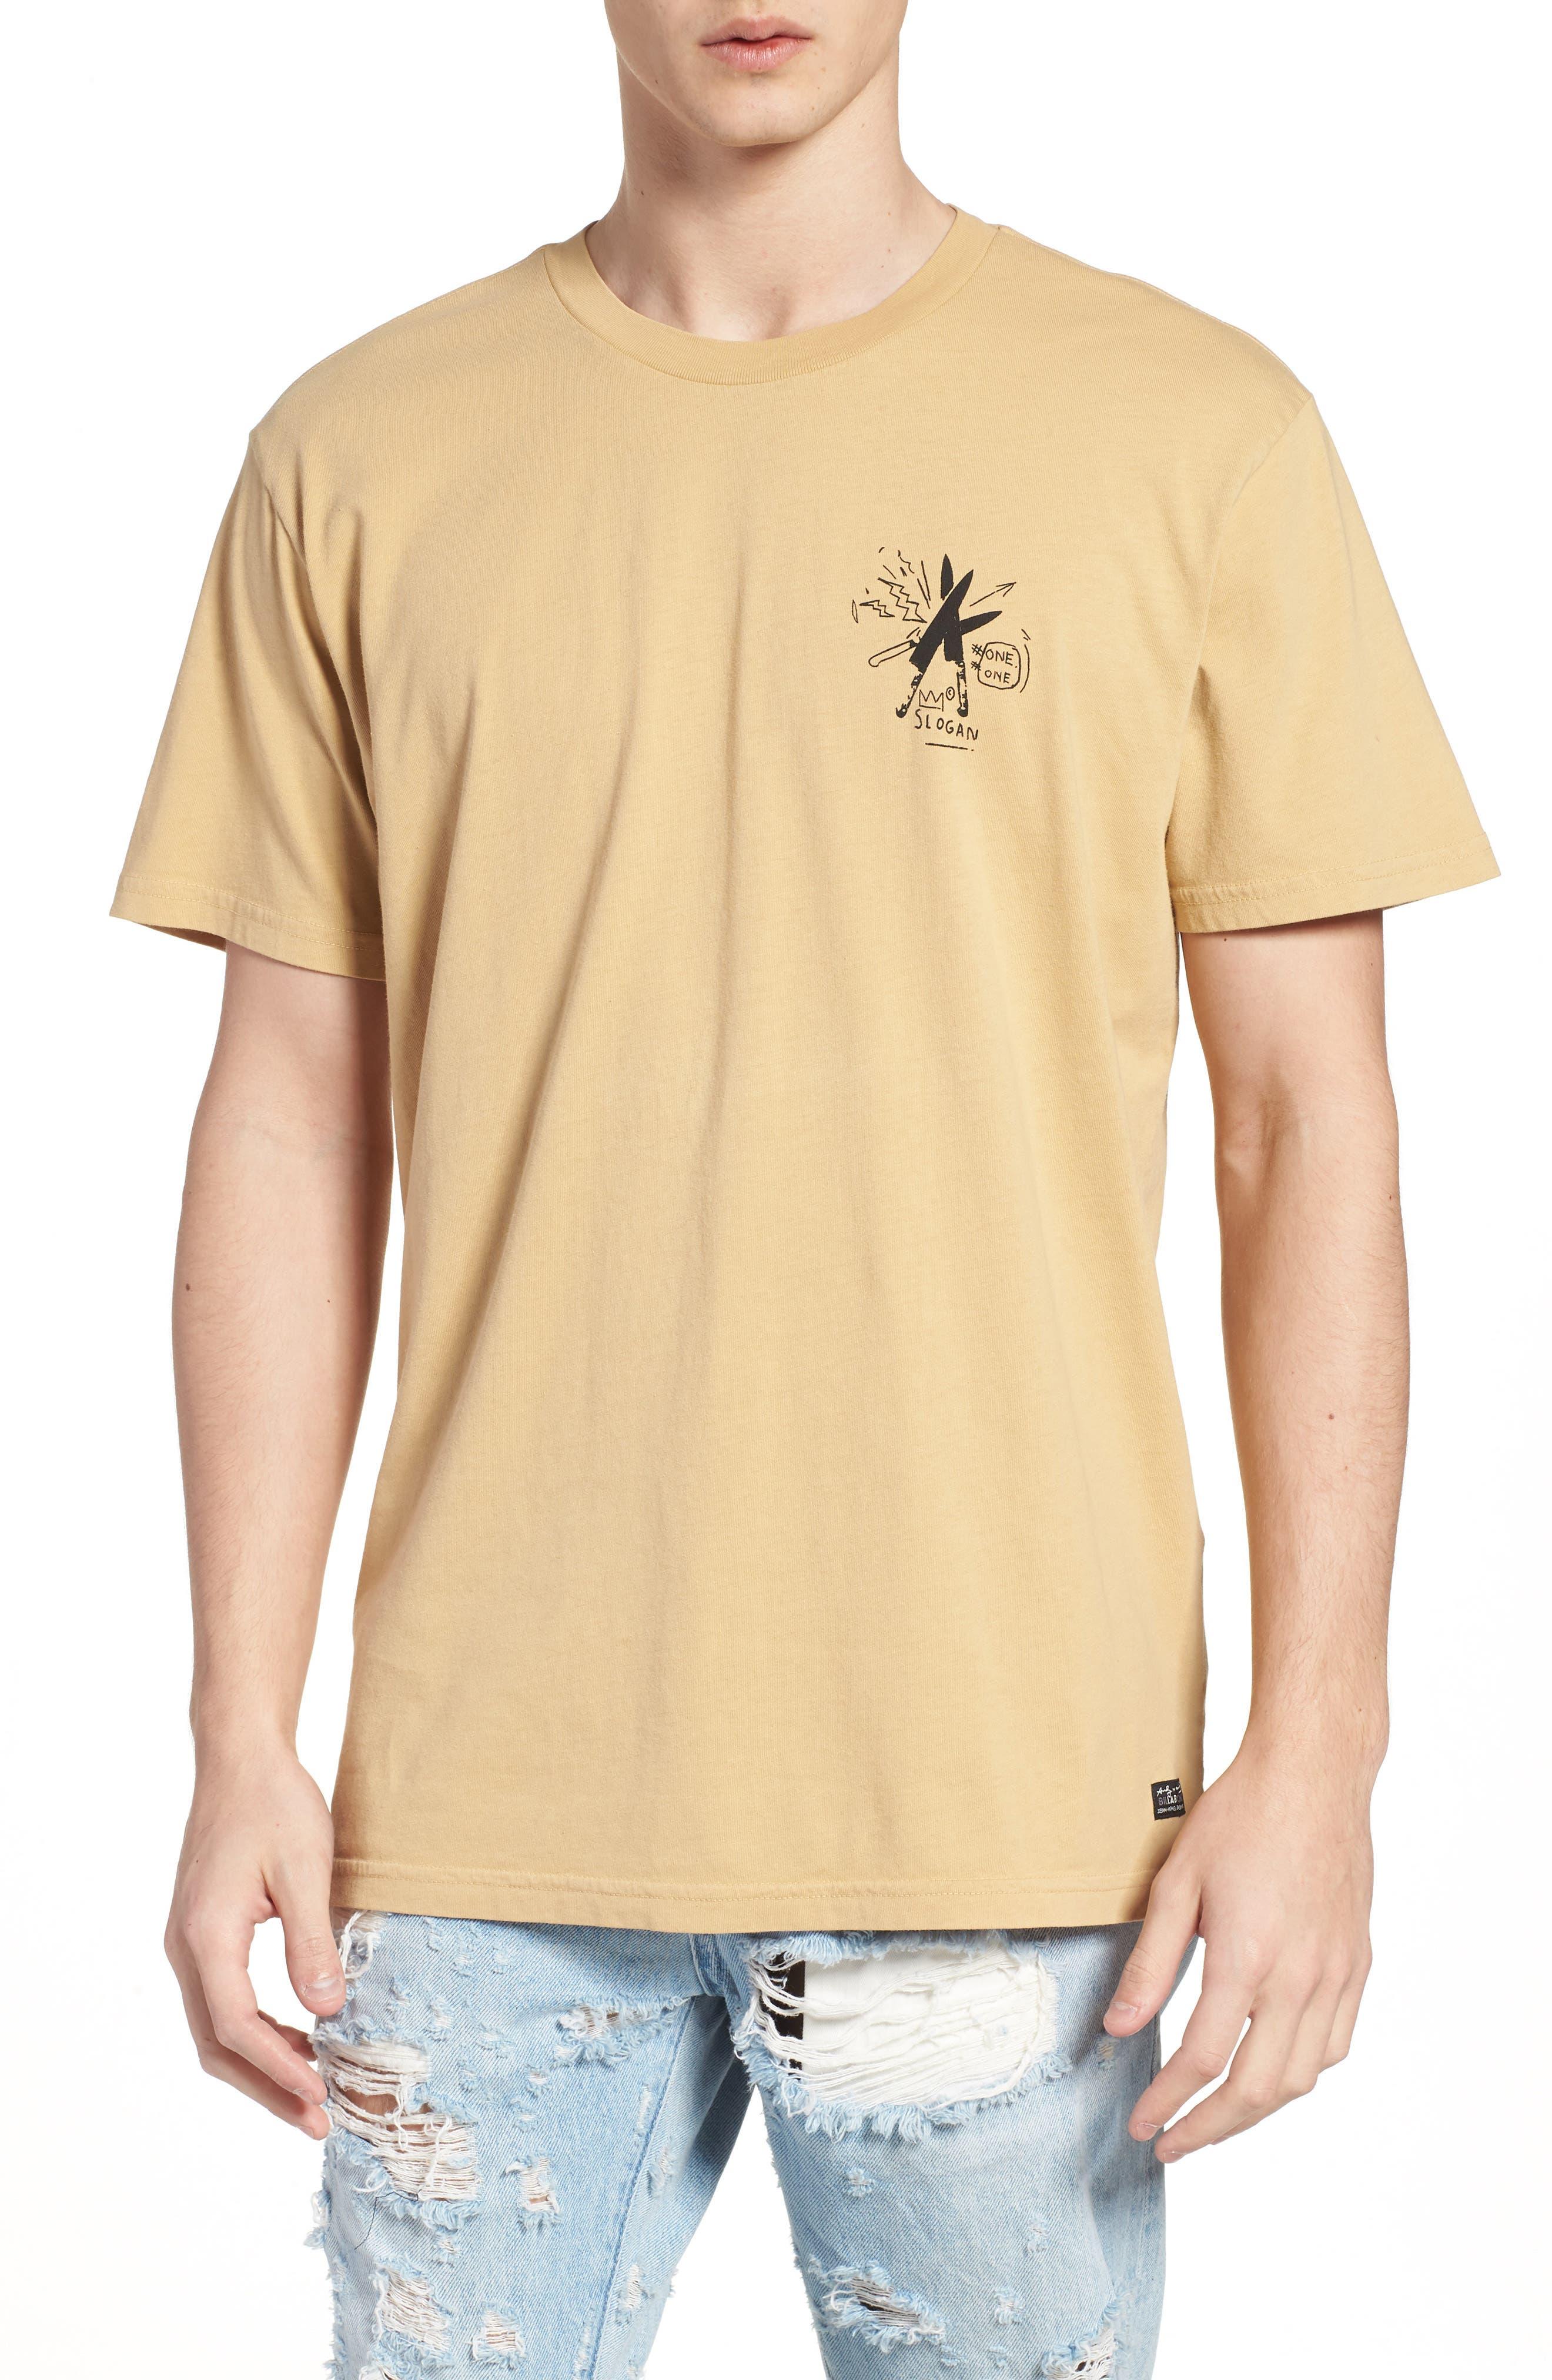 x Warhol Slogan T-Shirt,                         Main,                         color, 250